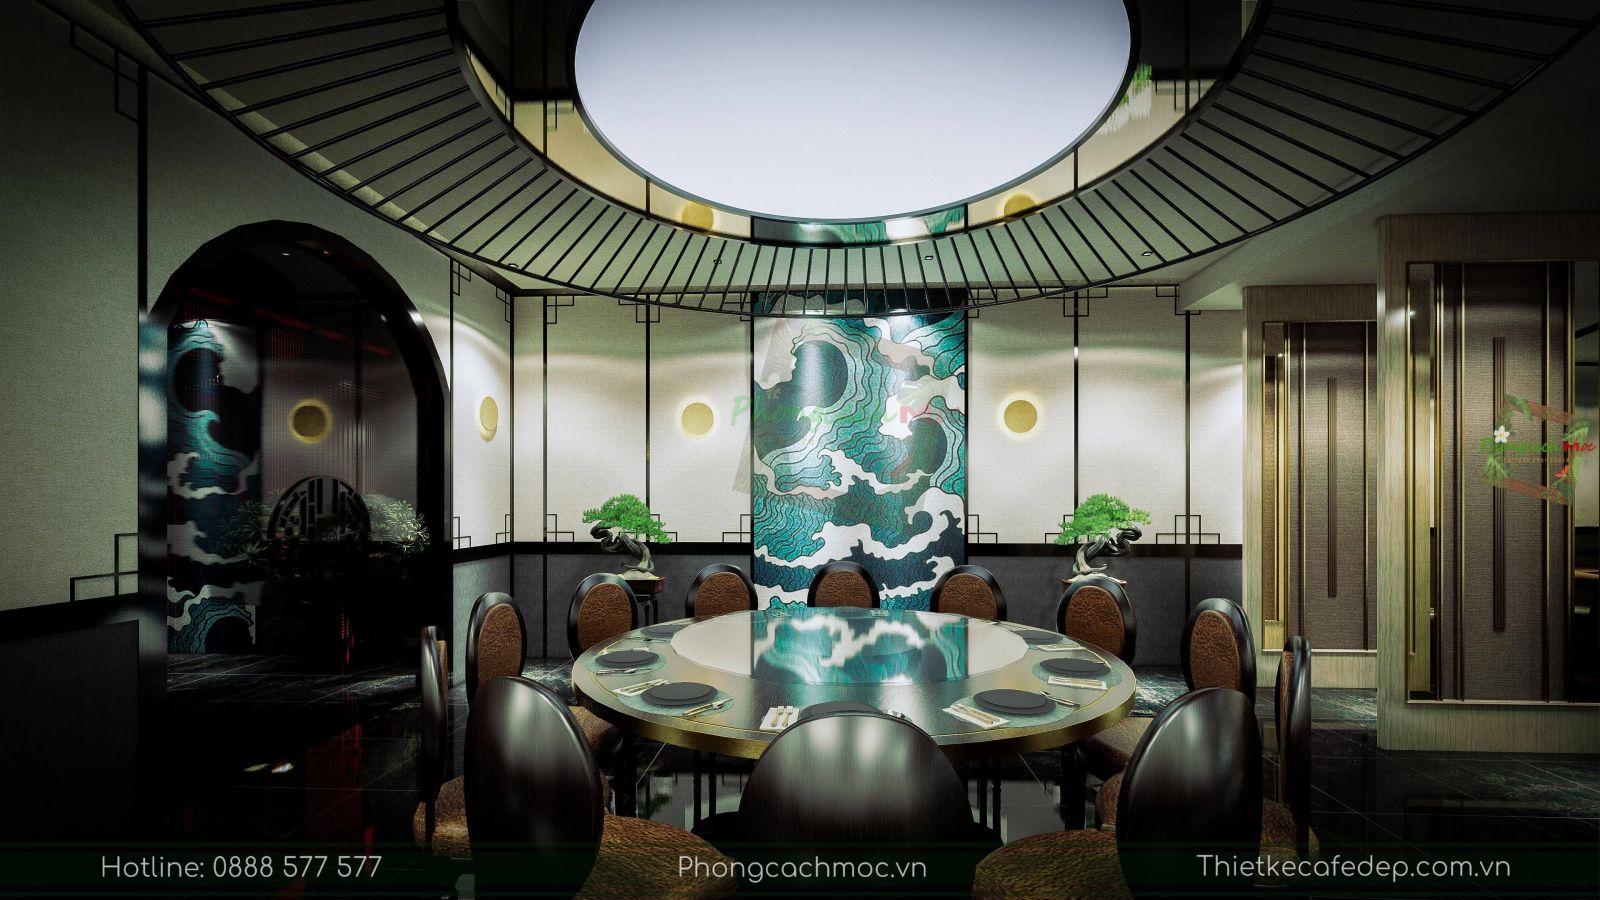 thiết kế nhà hàng trung hoa - nội thất phòng vip 1 - 6